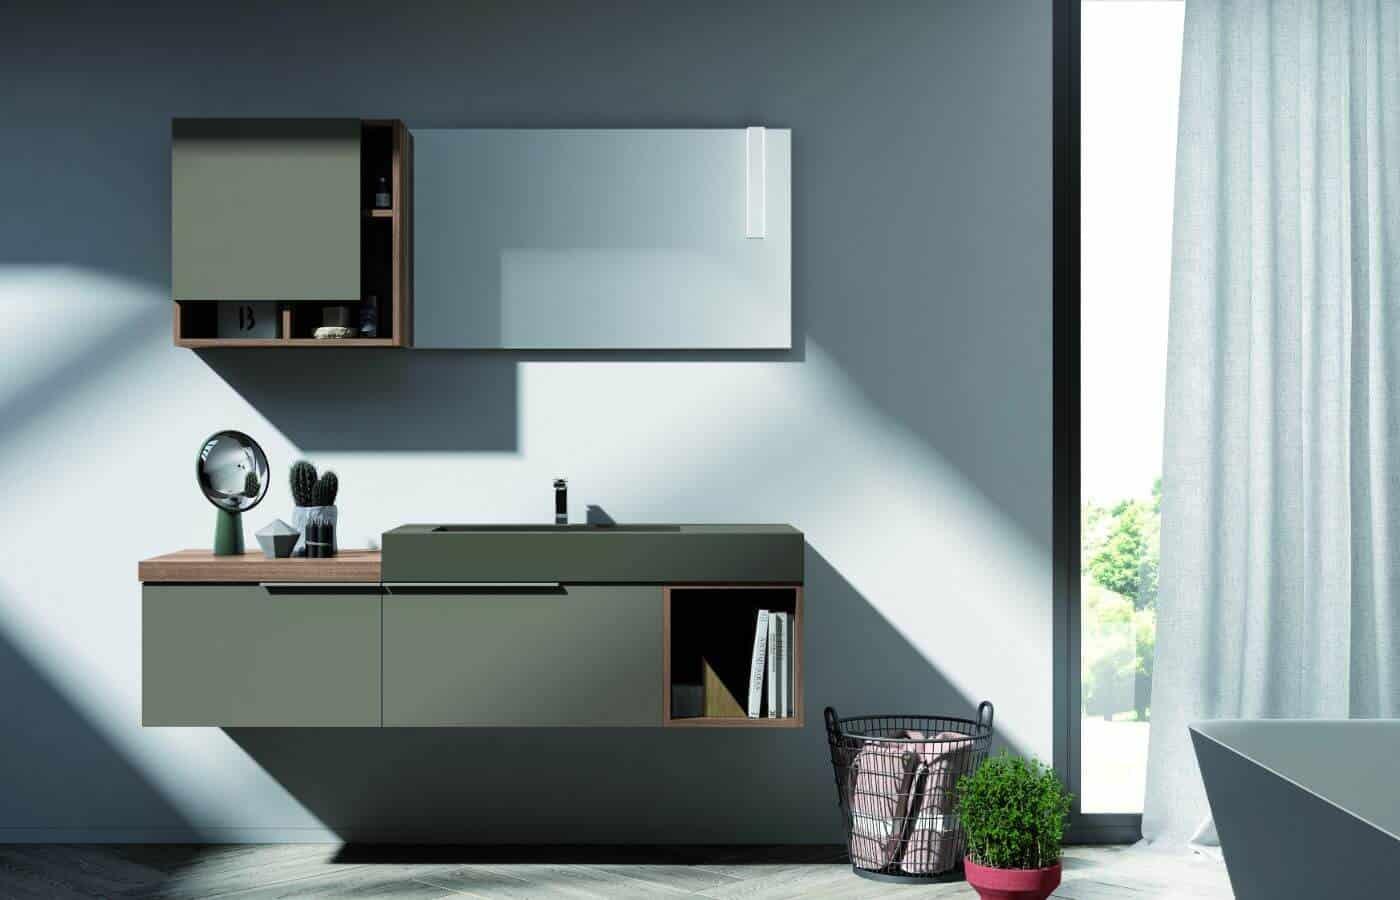 bagni-collezione-clover-il-mobile (1)